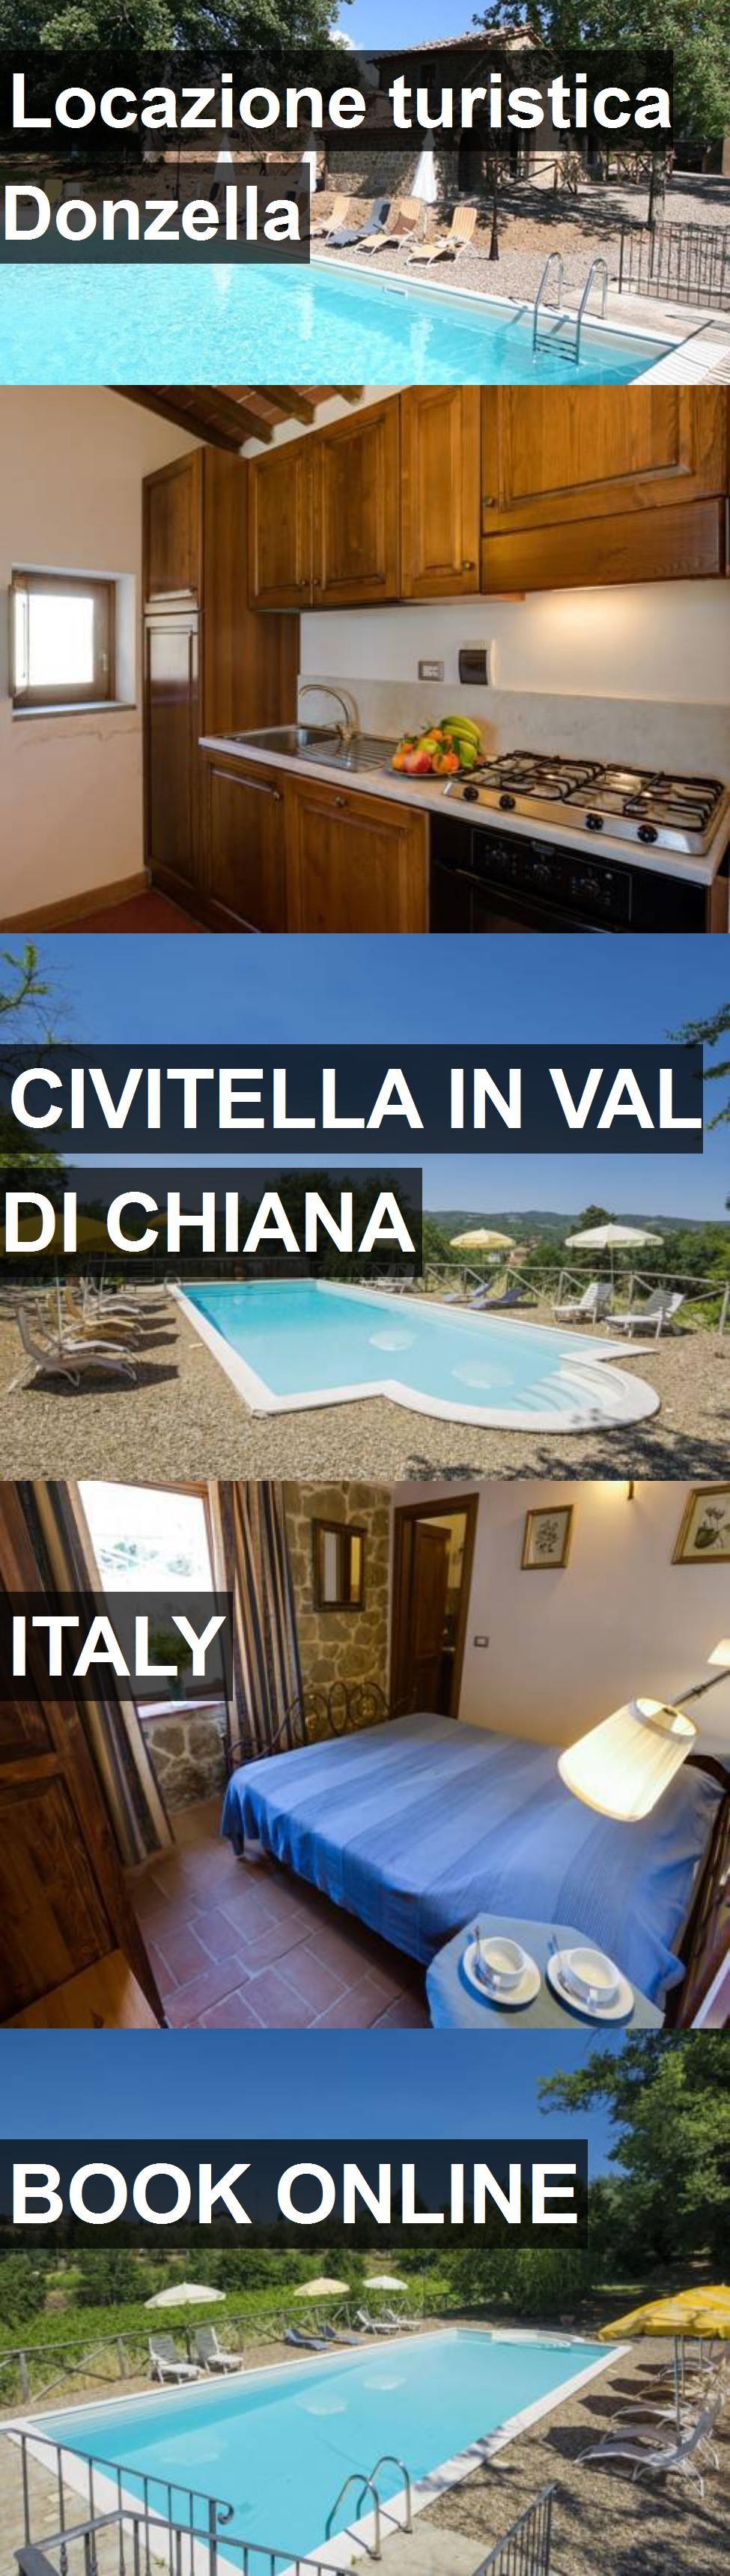 Hotel Locazione turistica Donzella in Civitella in Val di